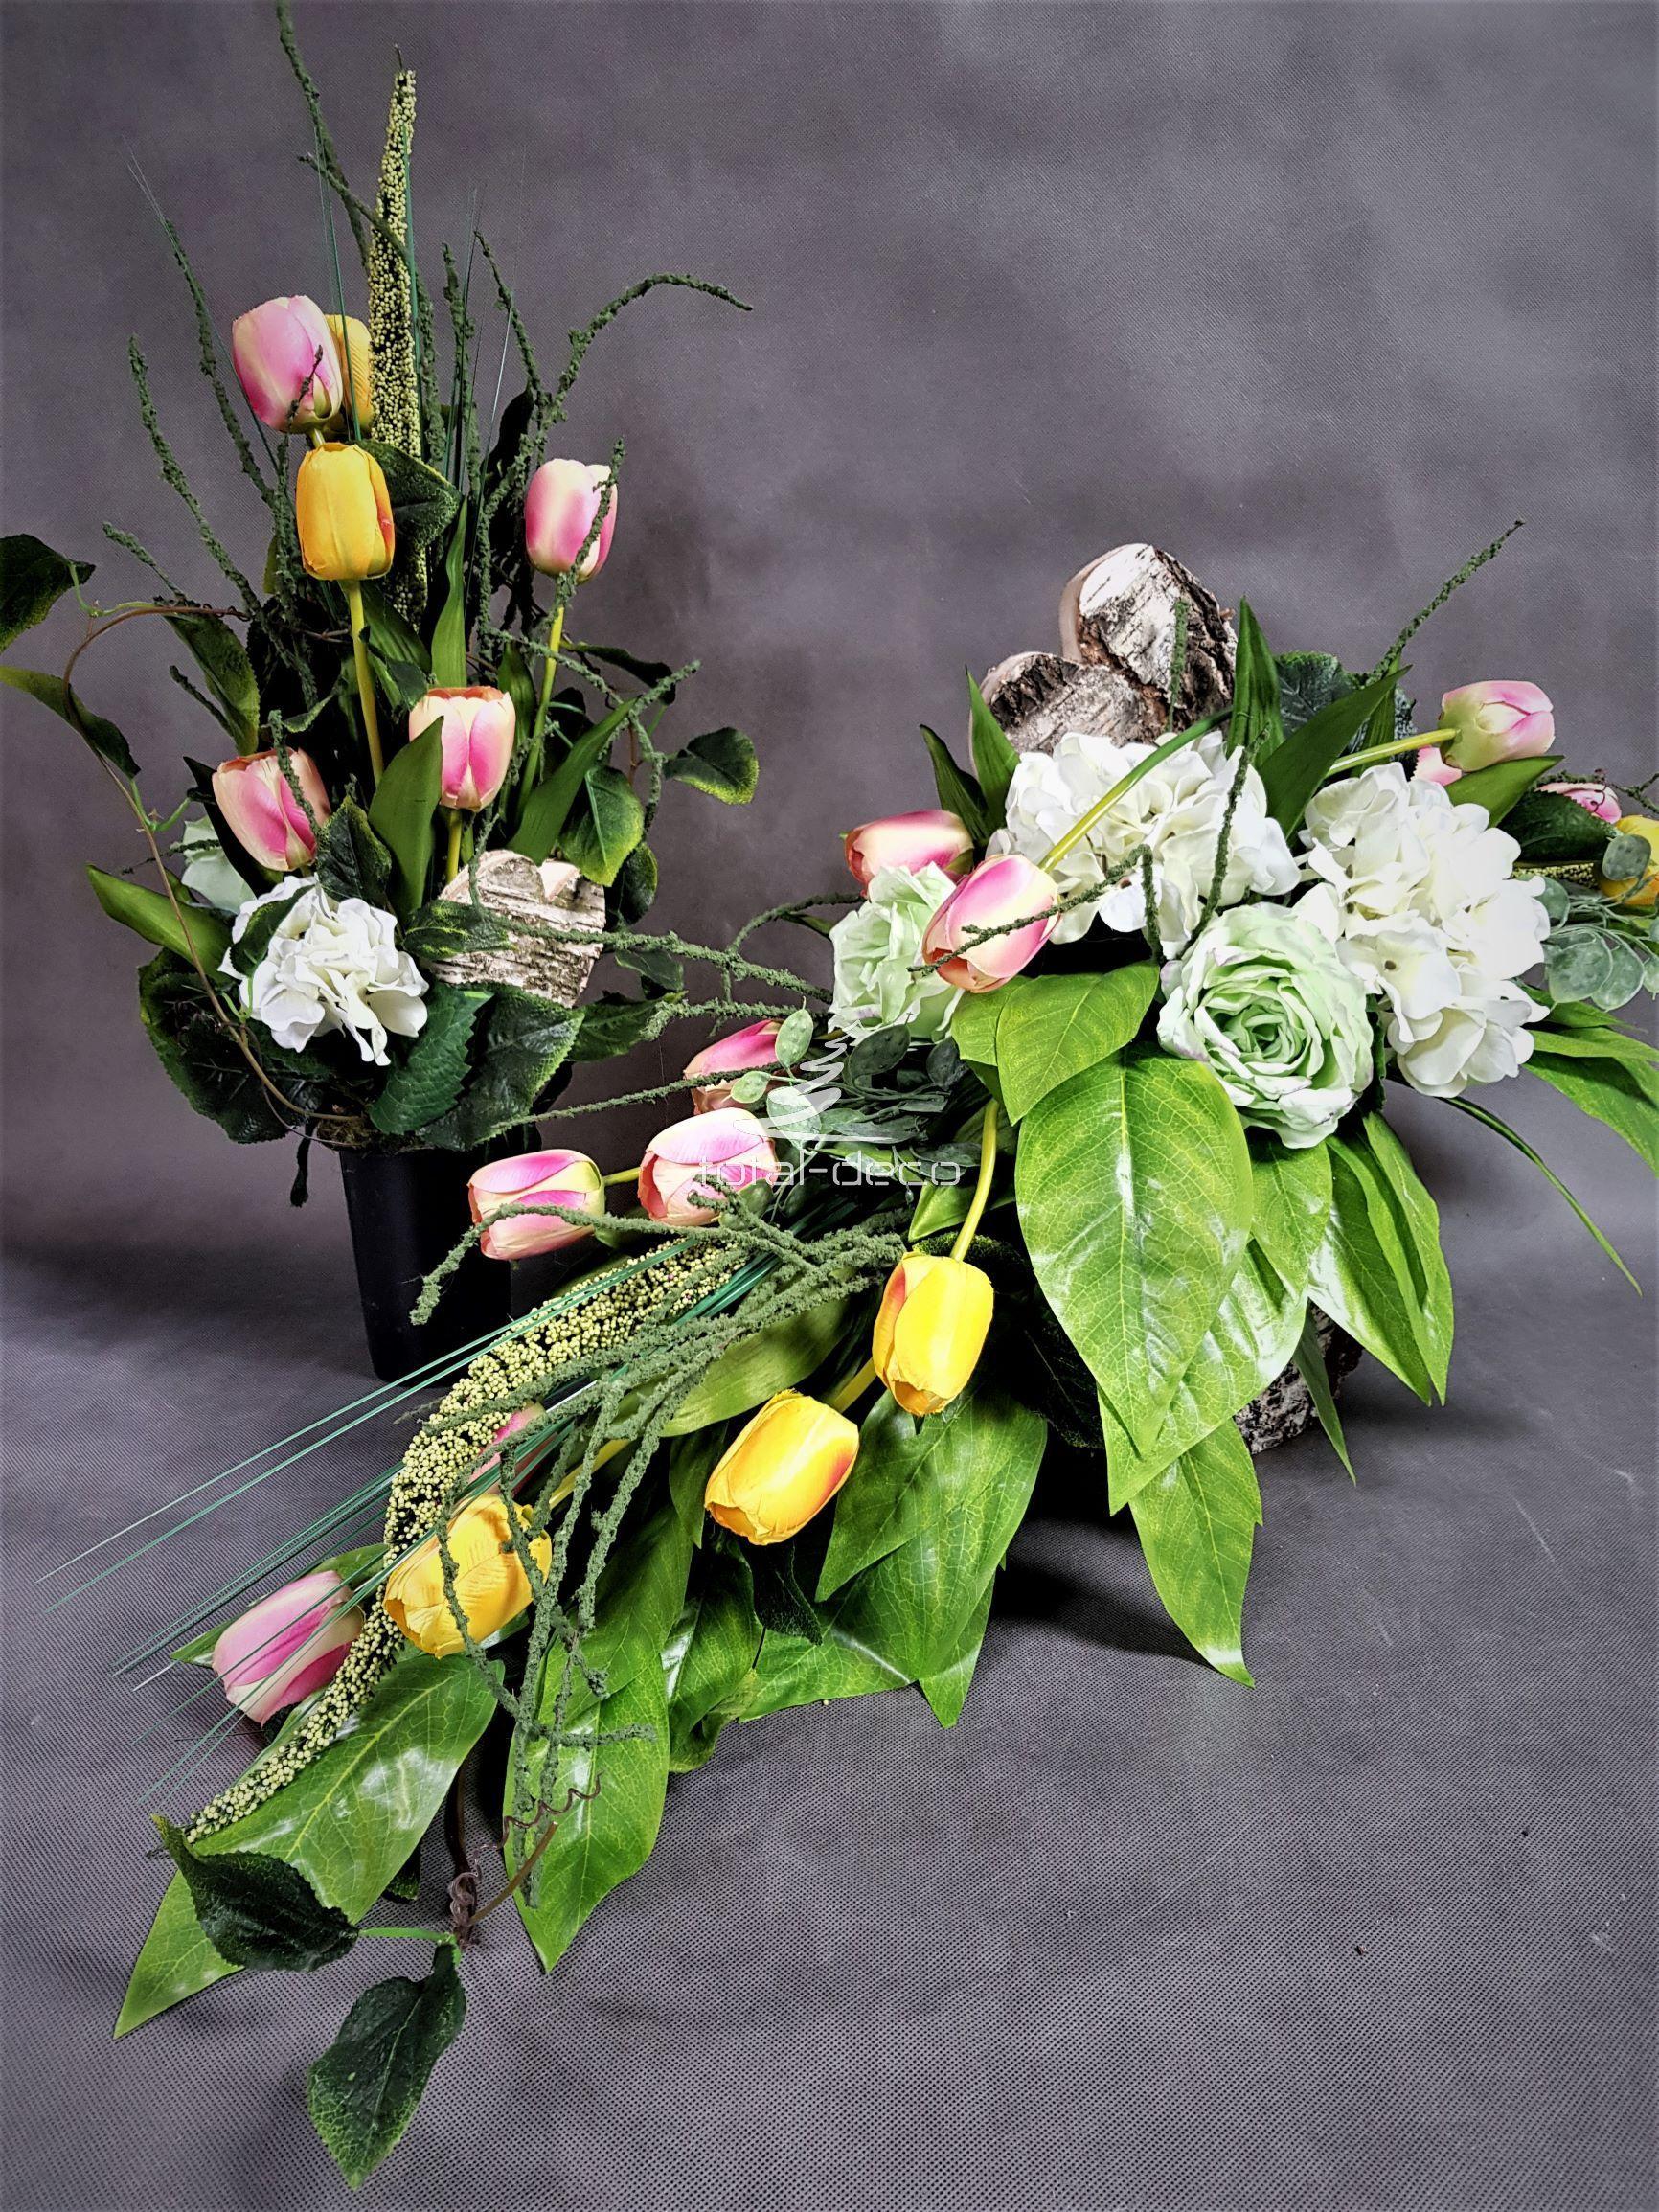 Zestaw Na Cmentarz Wiazanka Z Bukietem Kompozycje Nagrobne Wielkanocne Wiosenne Table Decorations Floral Floral Wreath